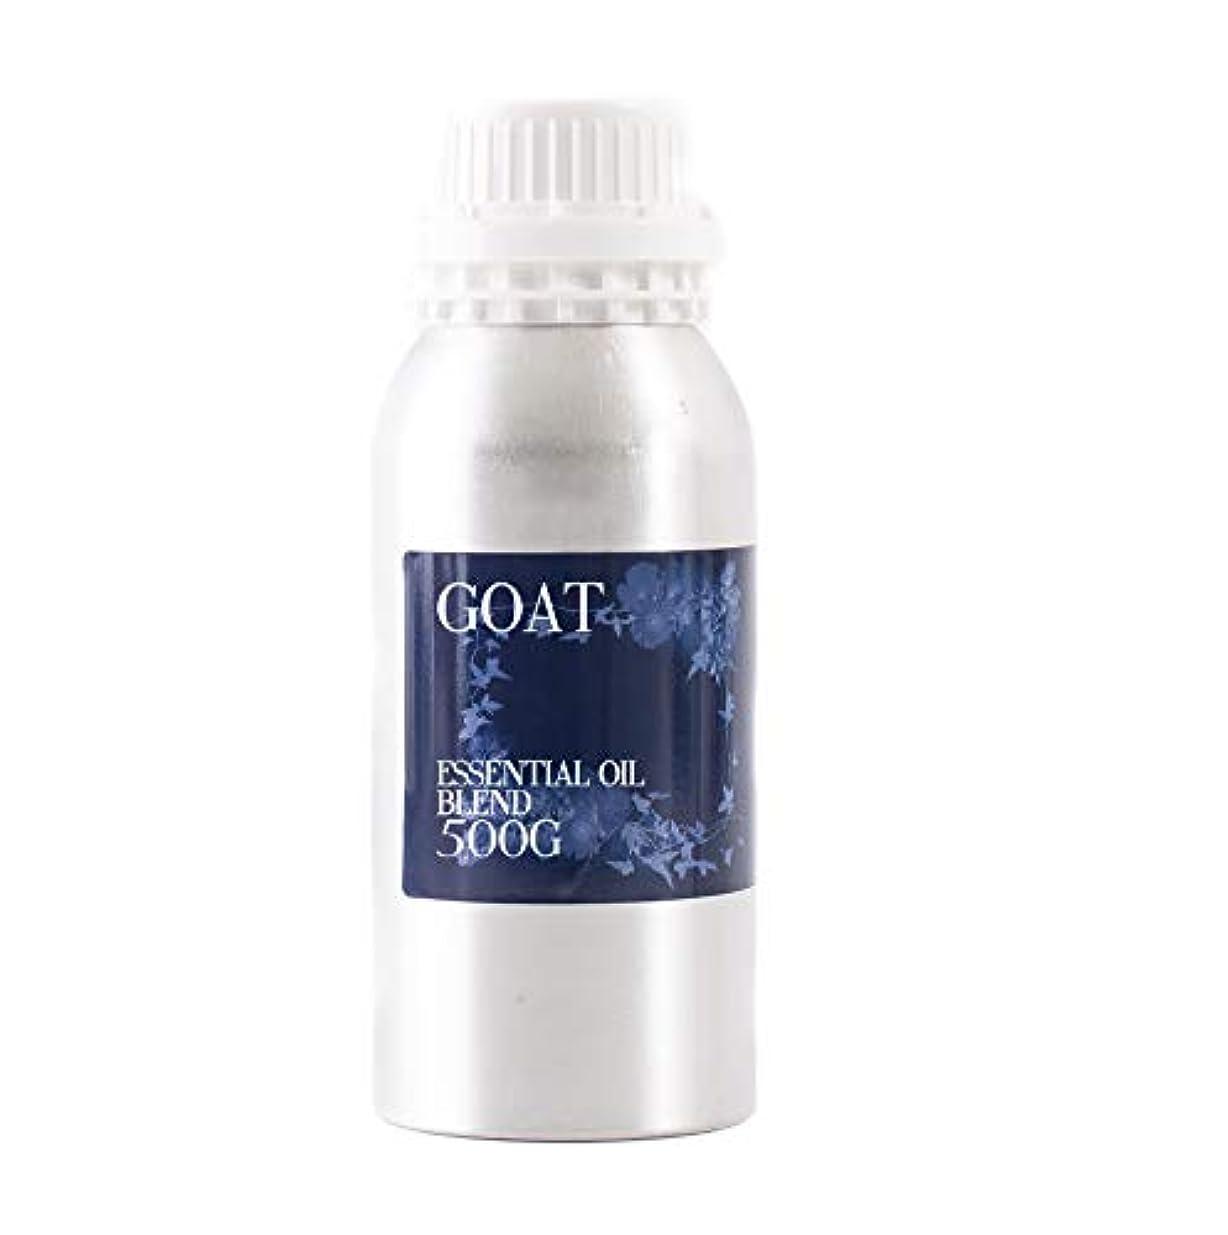 魅力的であることへのアピール雪の賢明なMystix London   Goat   Chinese Zodiac Essential Oil Blend 500g